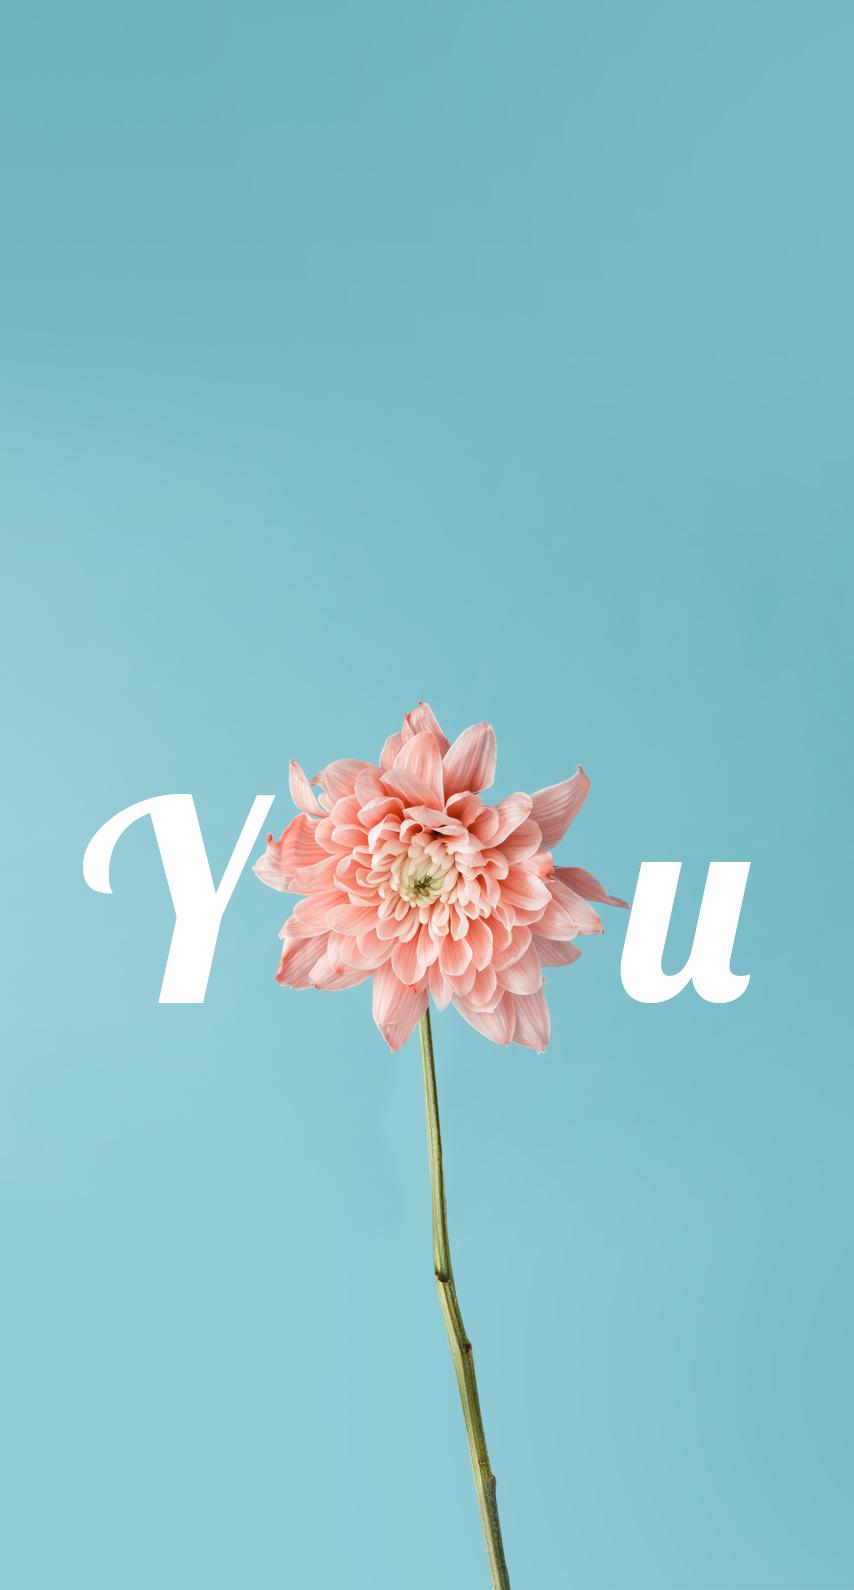 garden, petal